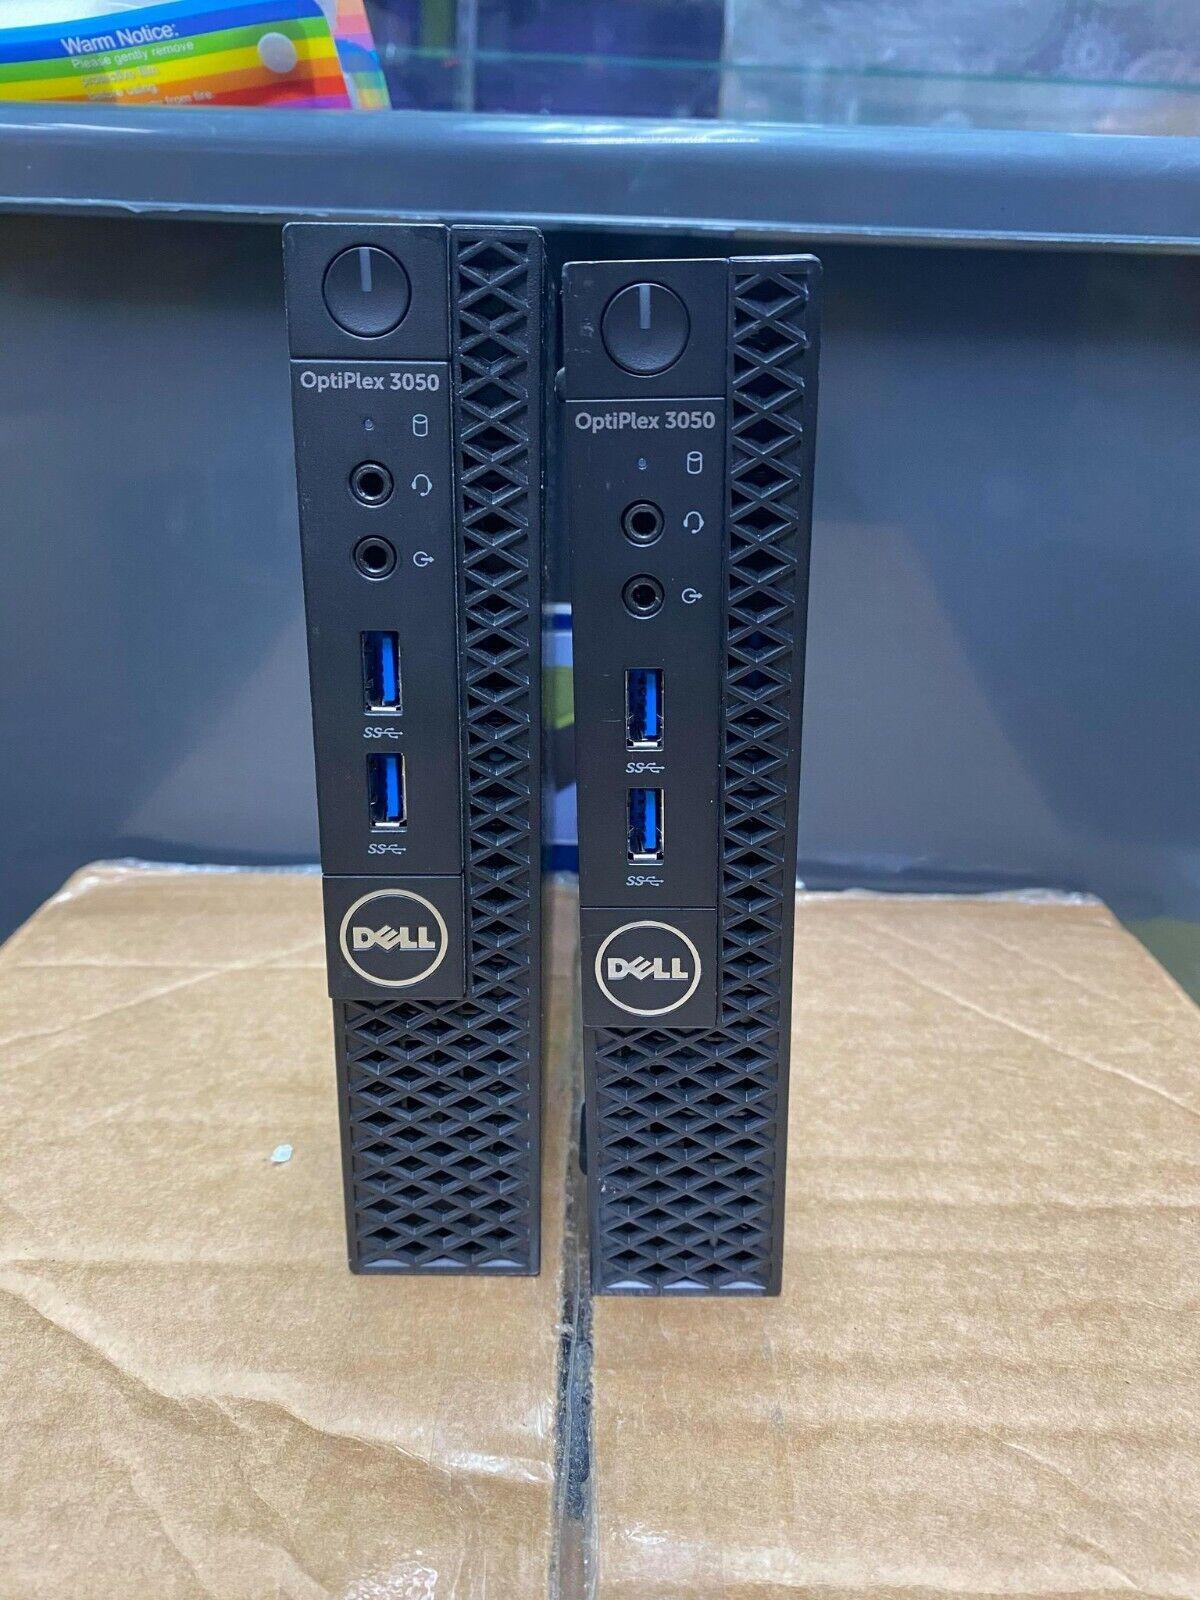 DELL Optiplex 3050 Micro Intel Core i3-7100T 8GB 500GB WIN10. Buy it now for 199.99